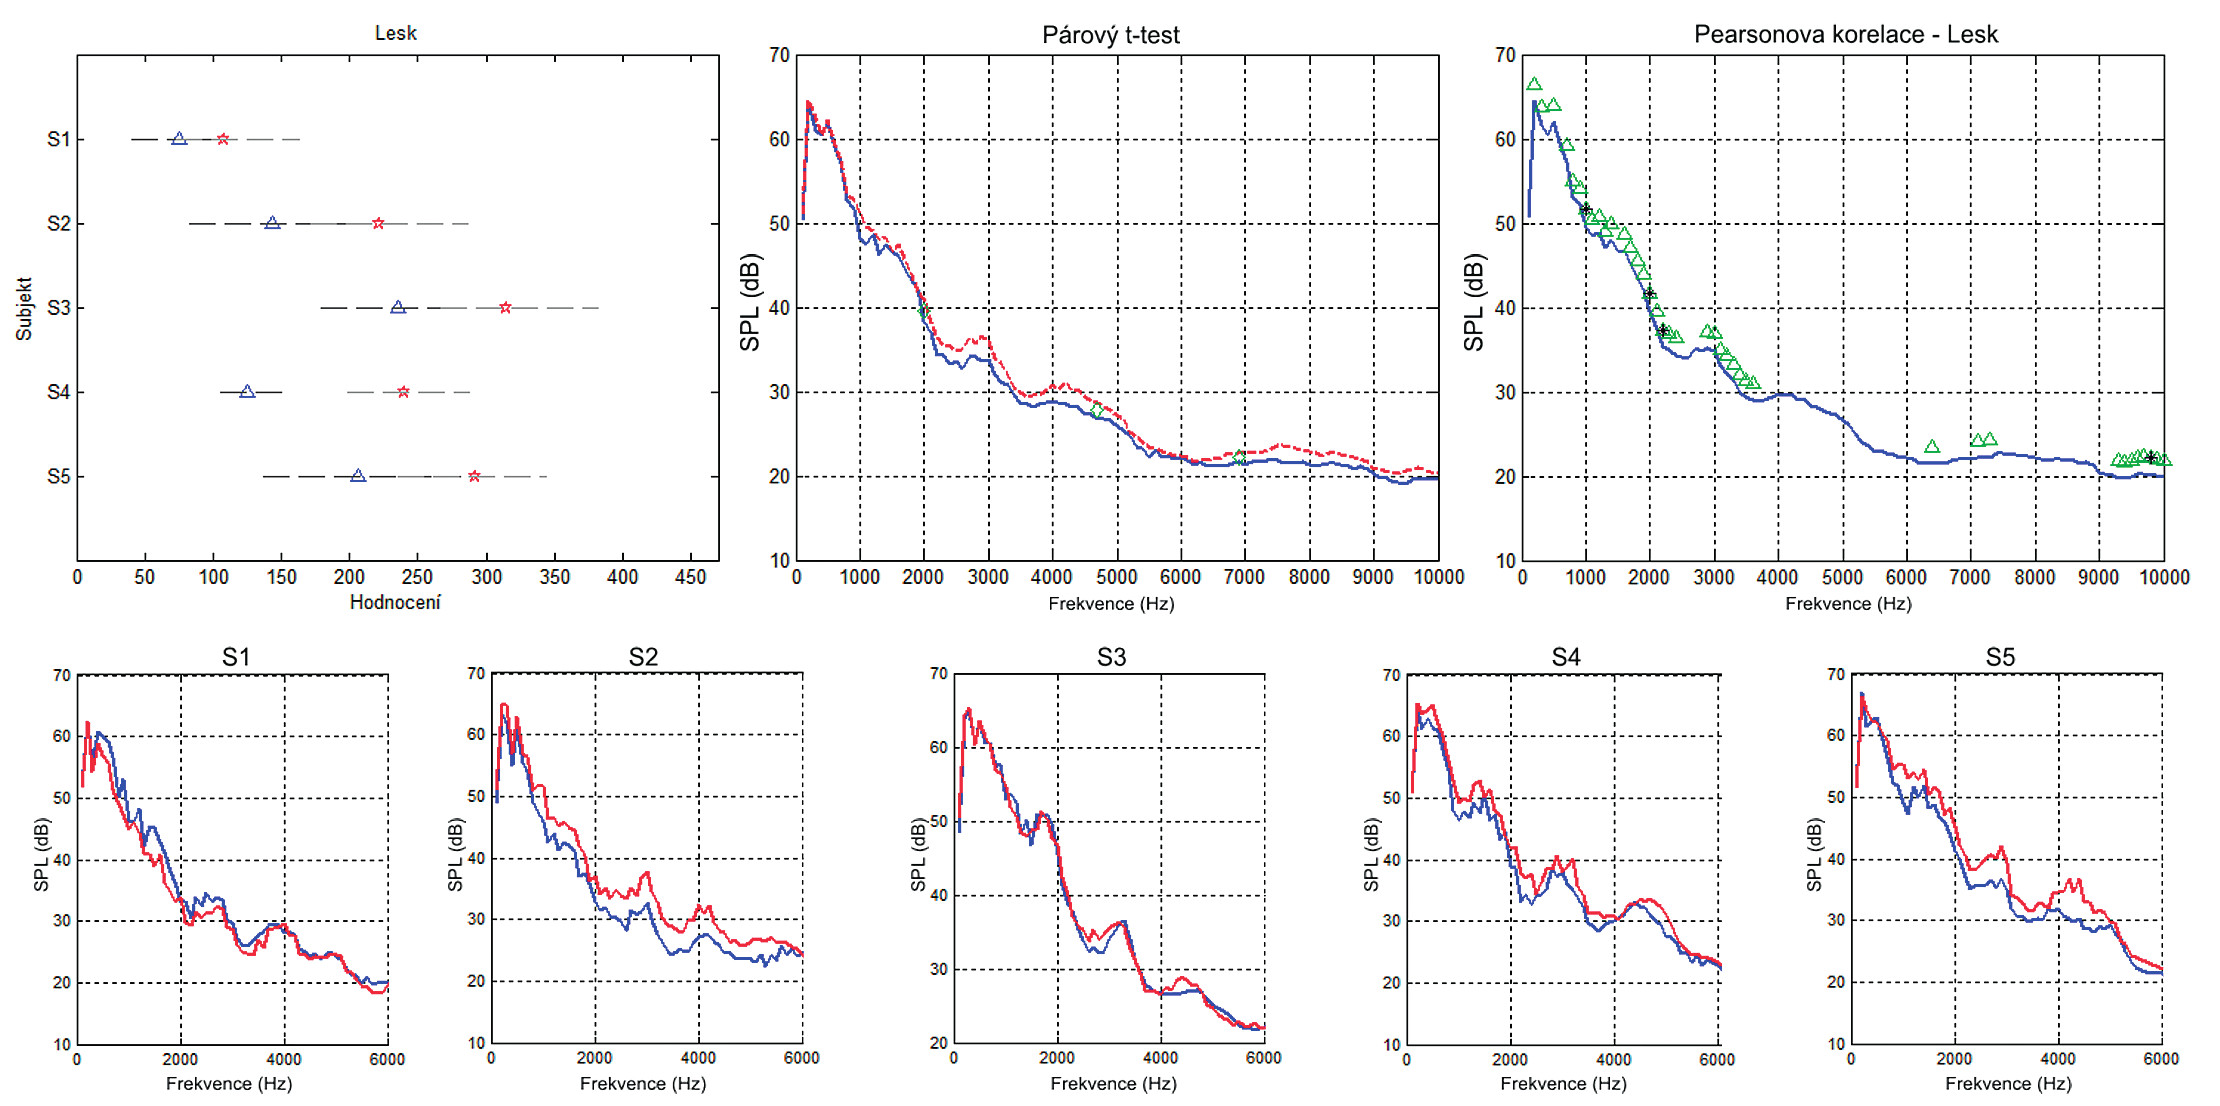 Porovnání výsledných hodnocení lesku pro jednotlivé subjekty před (modrý trojúhelník) a po (červená hvězda) tréninku. Statistické porovnání dlouhodobých průměrovaných spekter (LTAS) pomocí párového t-testu a korelace hodnocení míry lesku se spektrálními hladinami LTA spekter. Ve spodním řádku jsou LTA spektra jednotlivých subjektů před (modrá) a po (červená) tréninku.